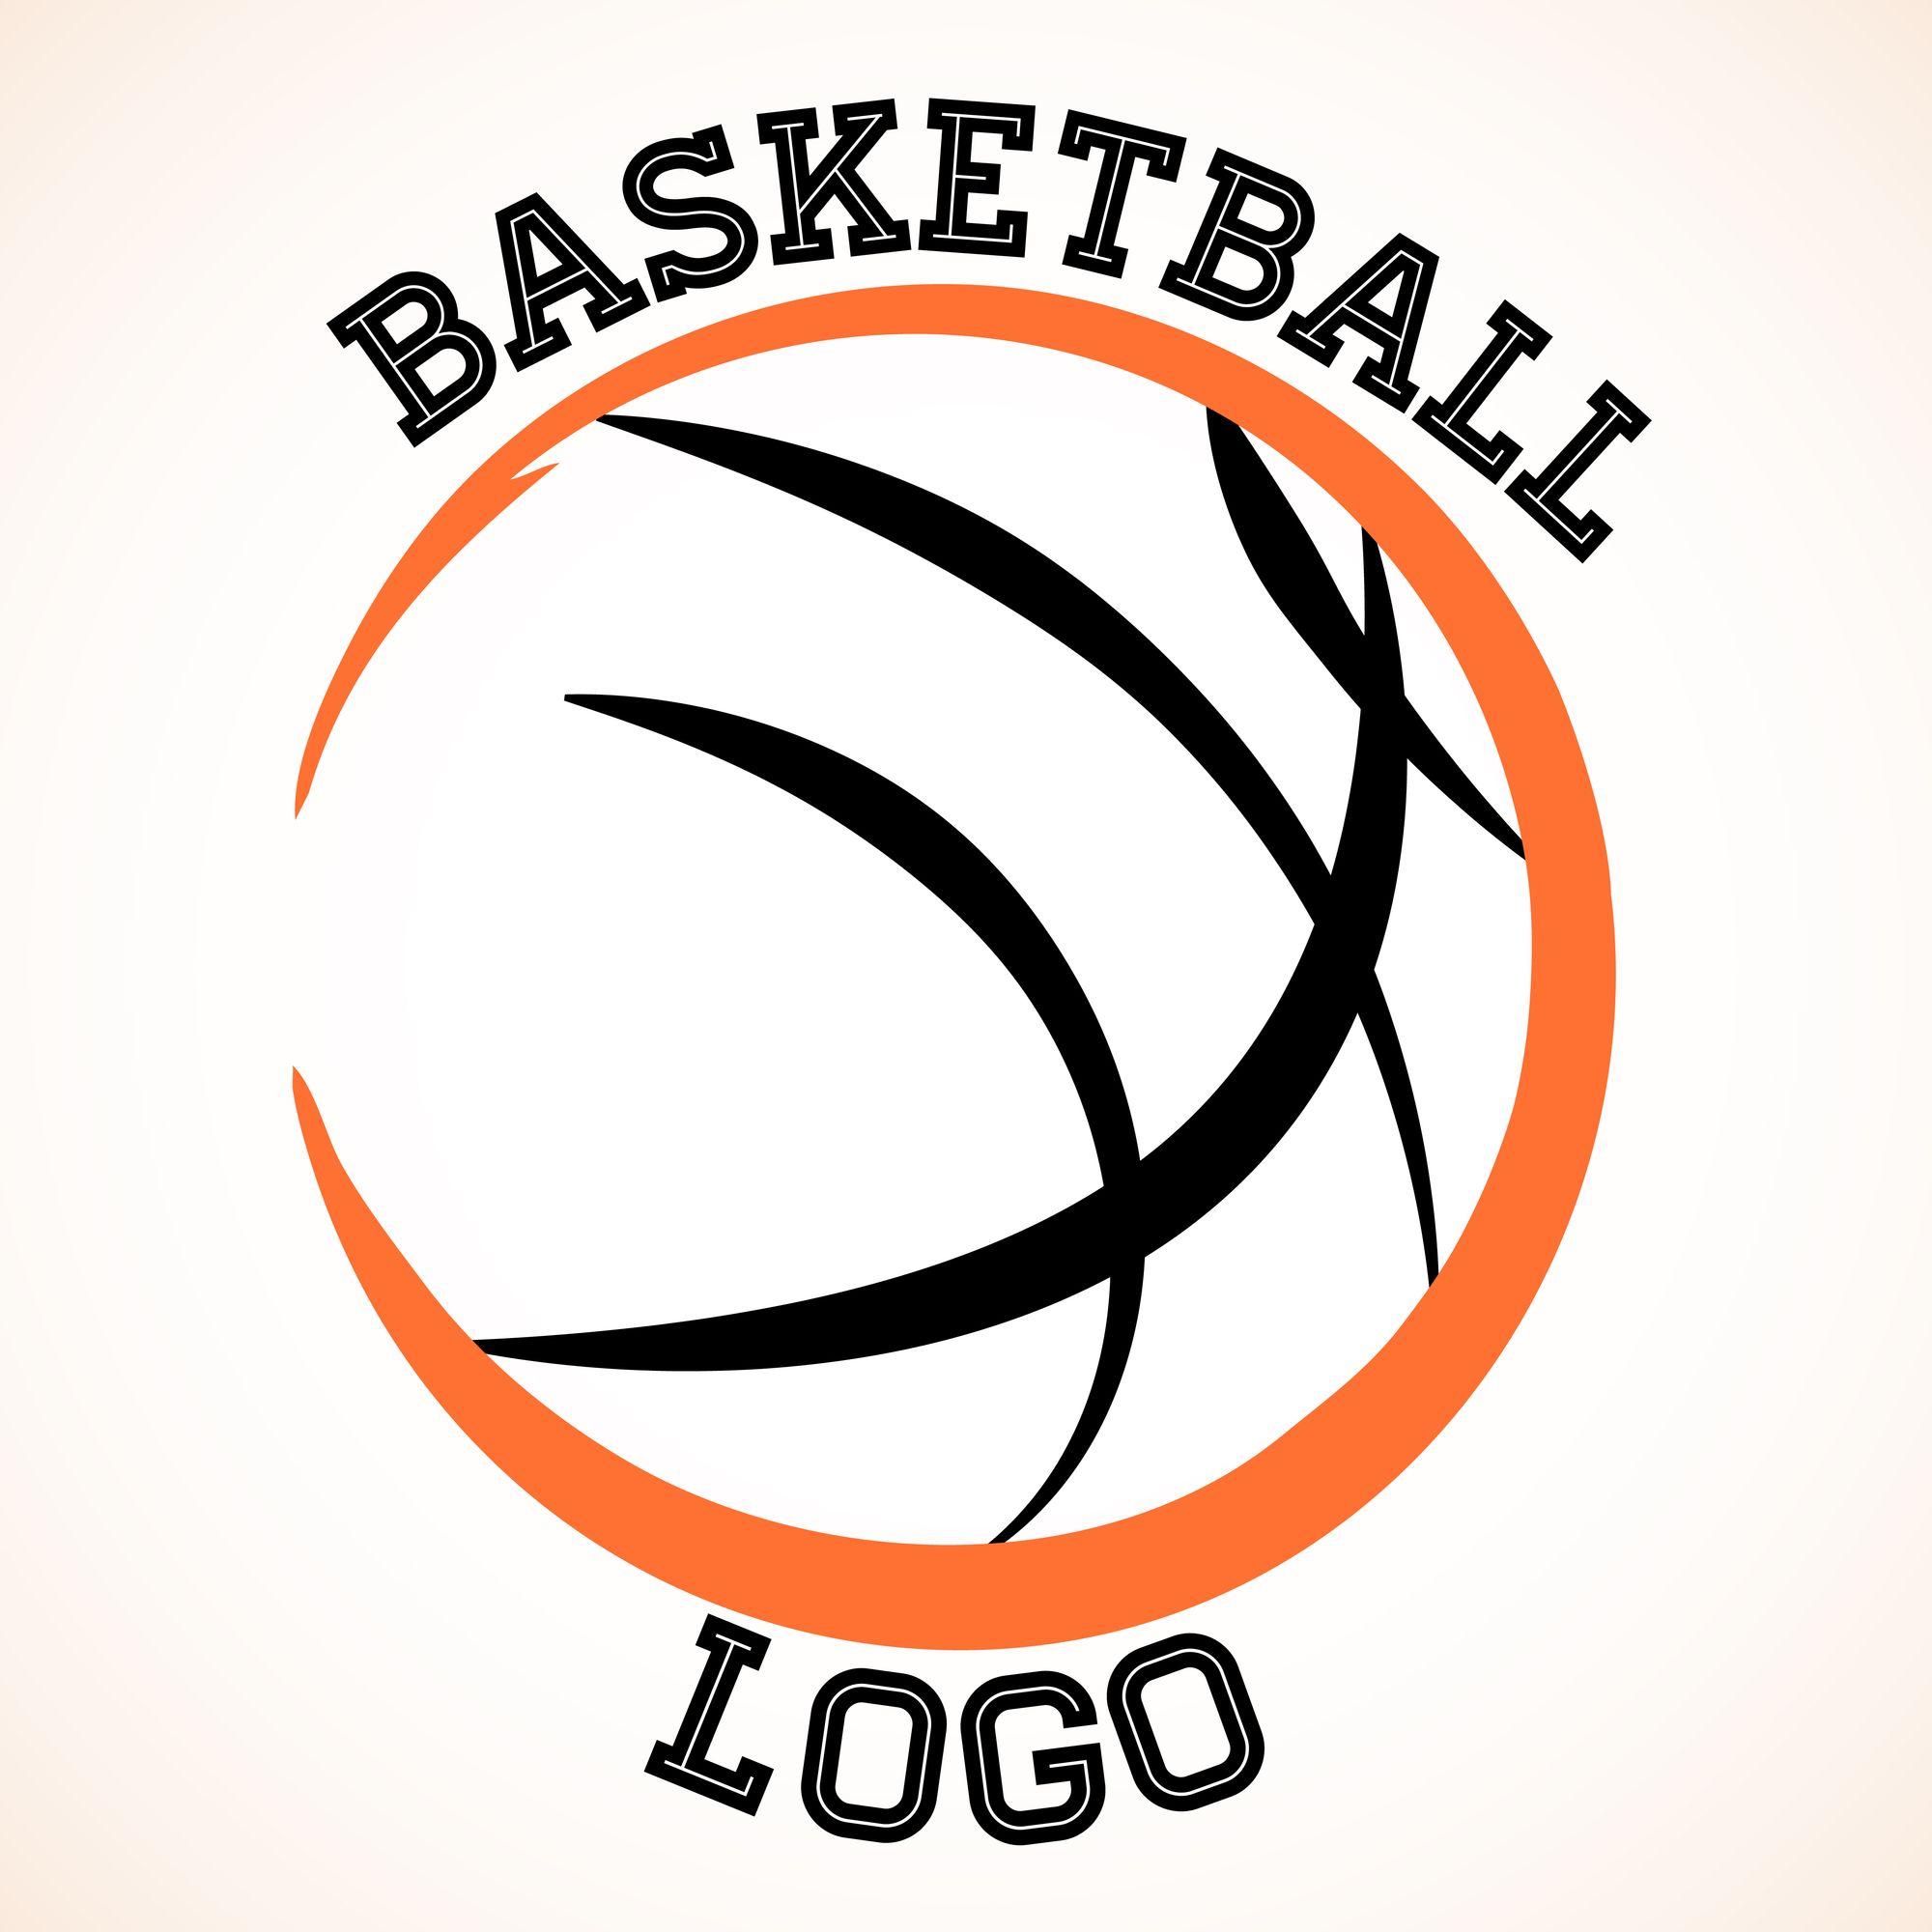 Vector basketball team logo on white background. Logos